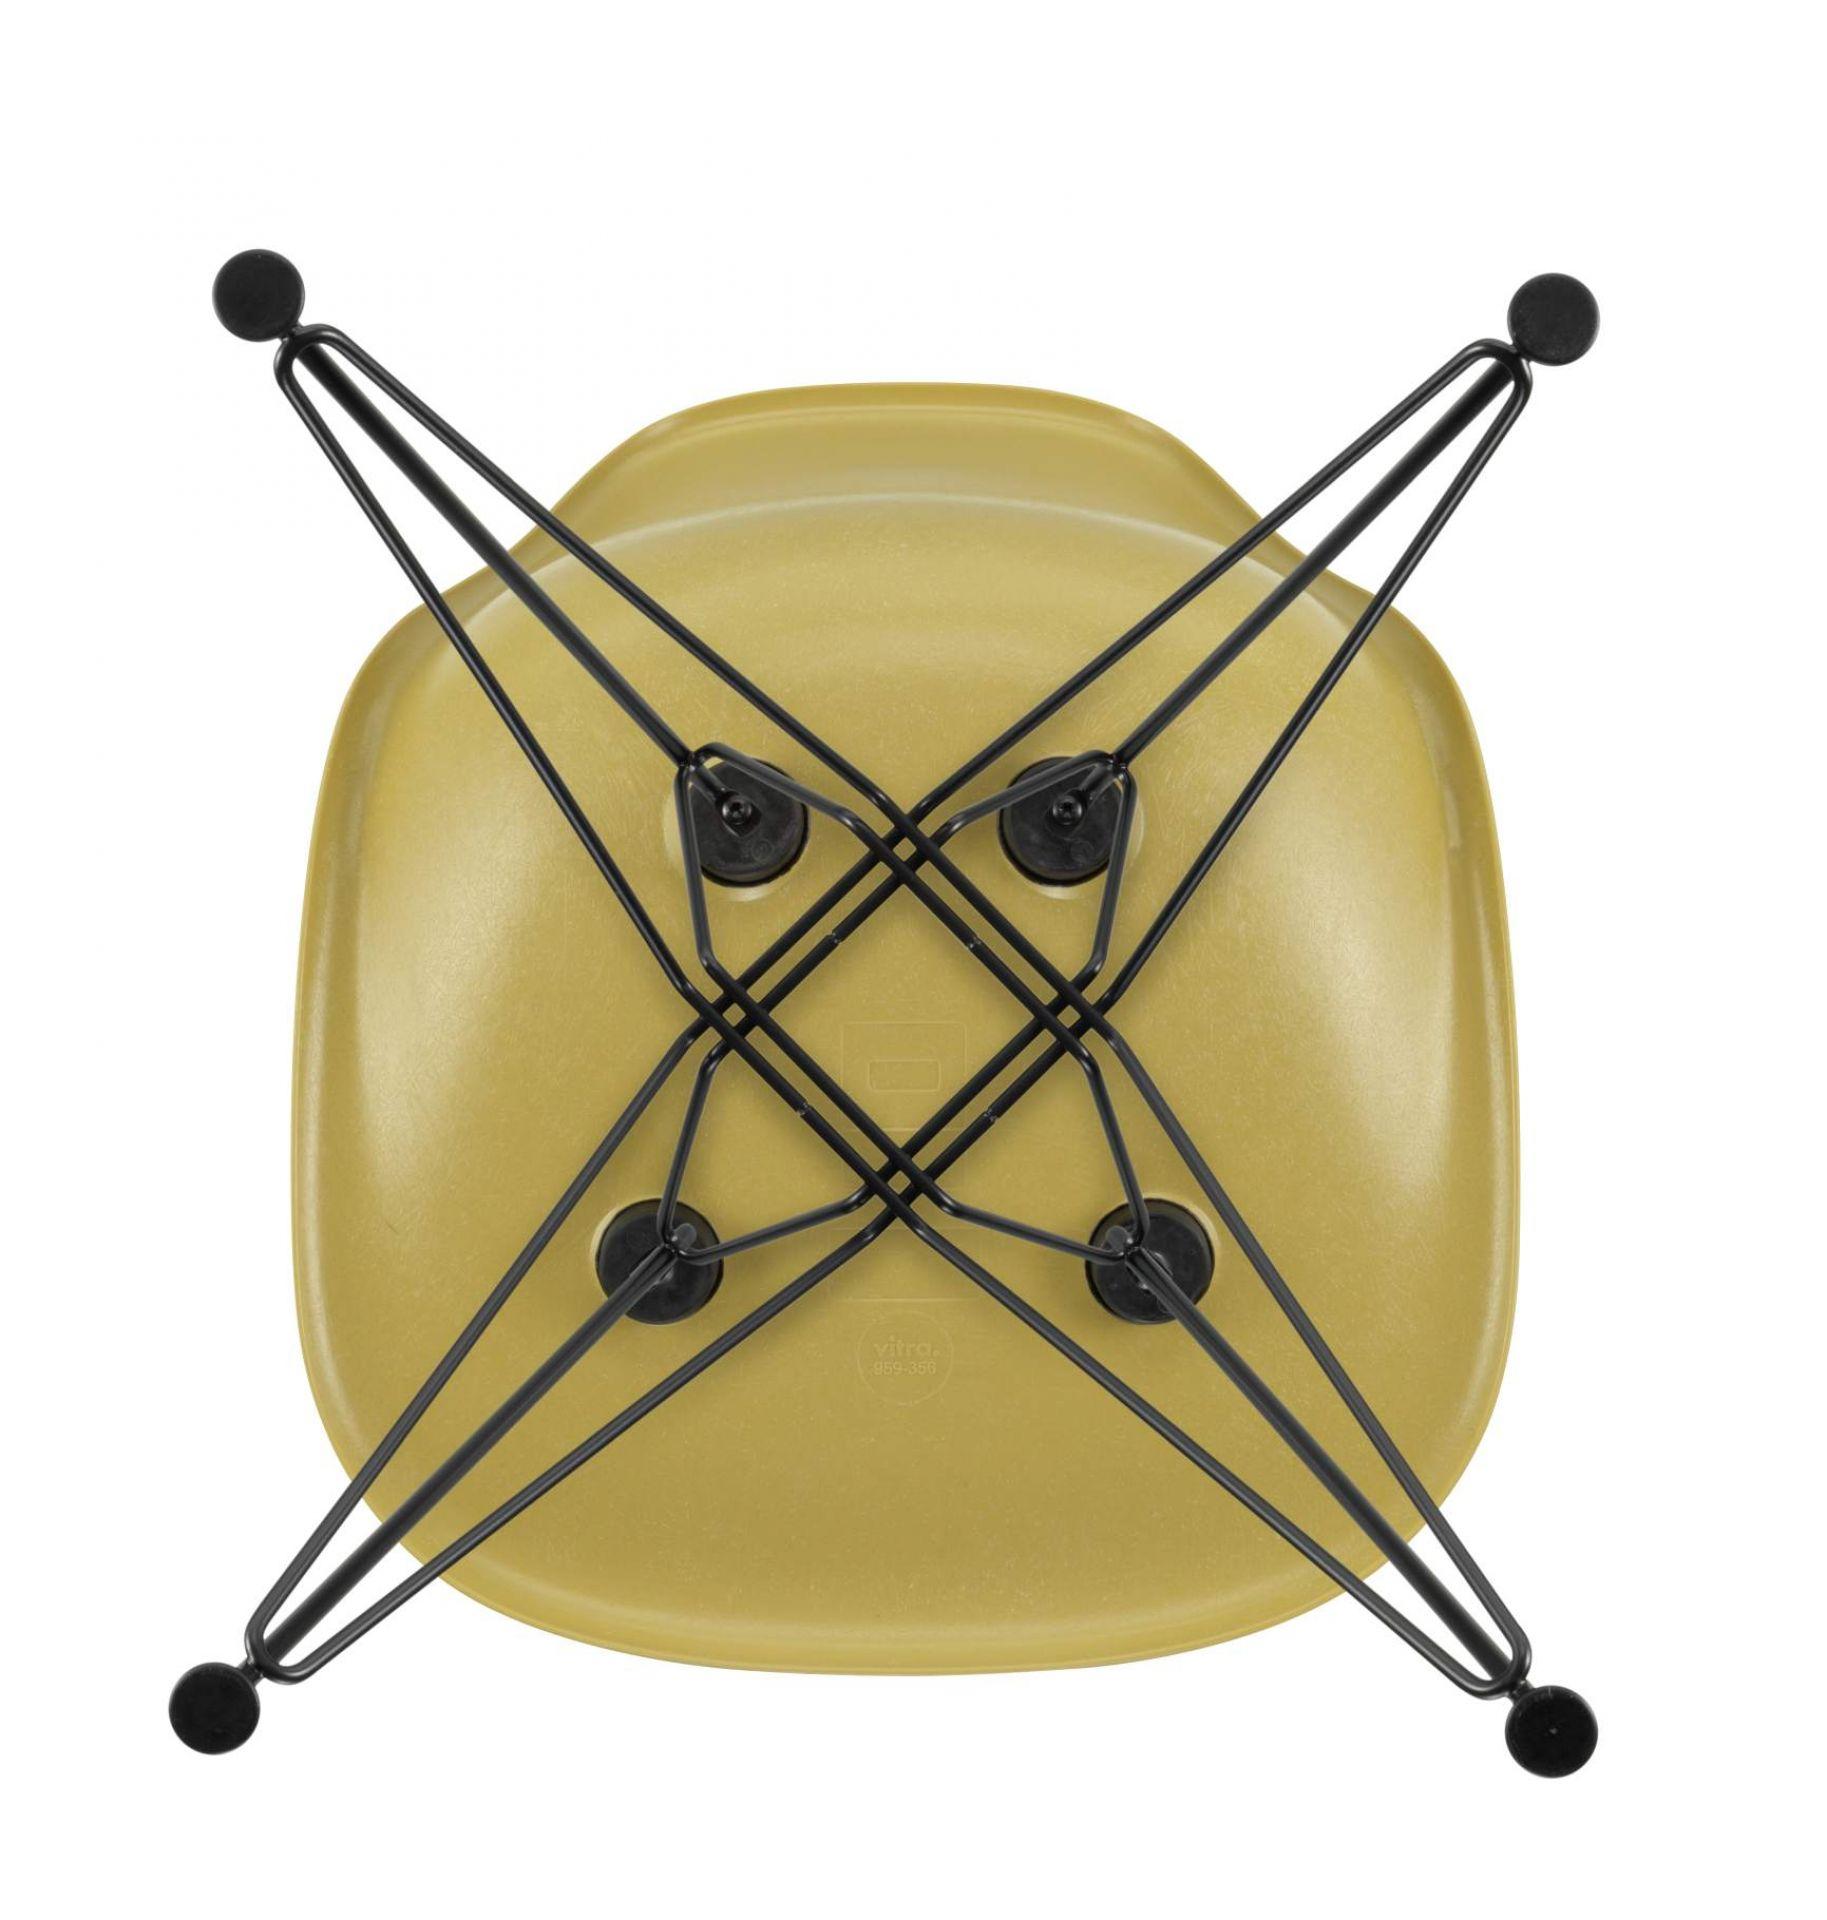 Eames Fiberglass Chair DSR Stuhl LIGHT OCHRE / BASIC DARK Vitra EINZELSTÜCK